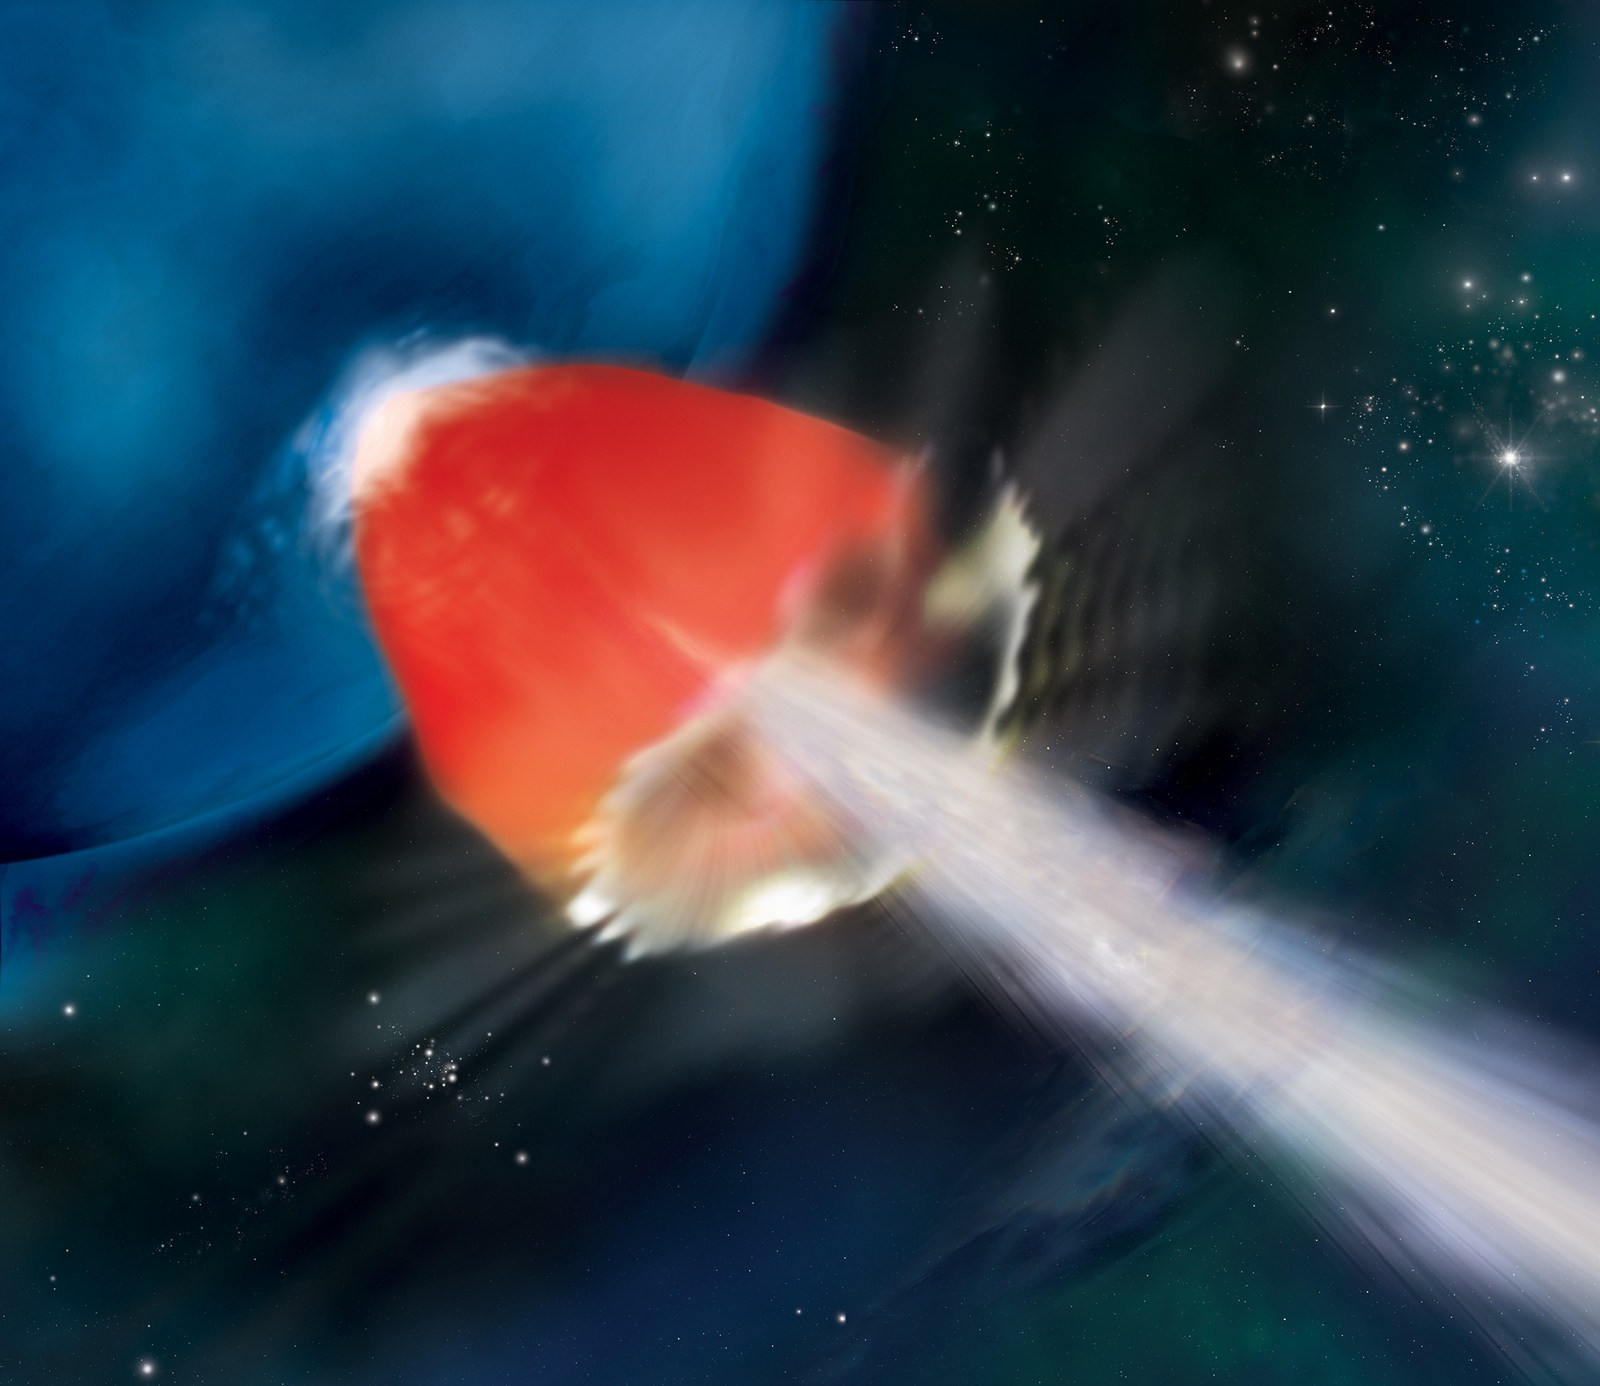 Гамма-взрыв на звезде в представлении художника